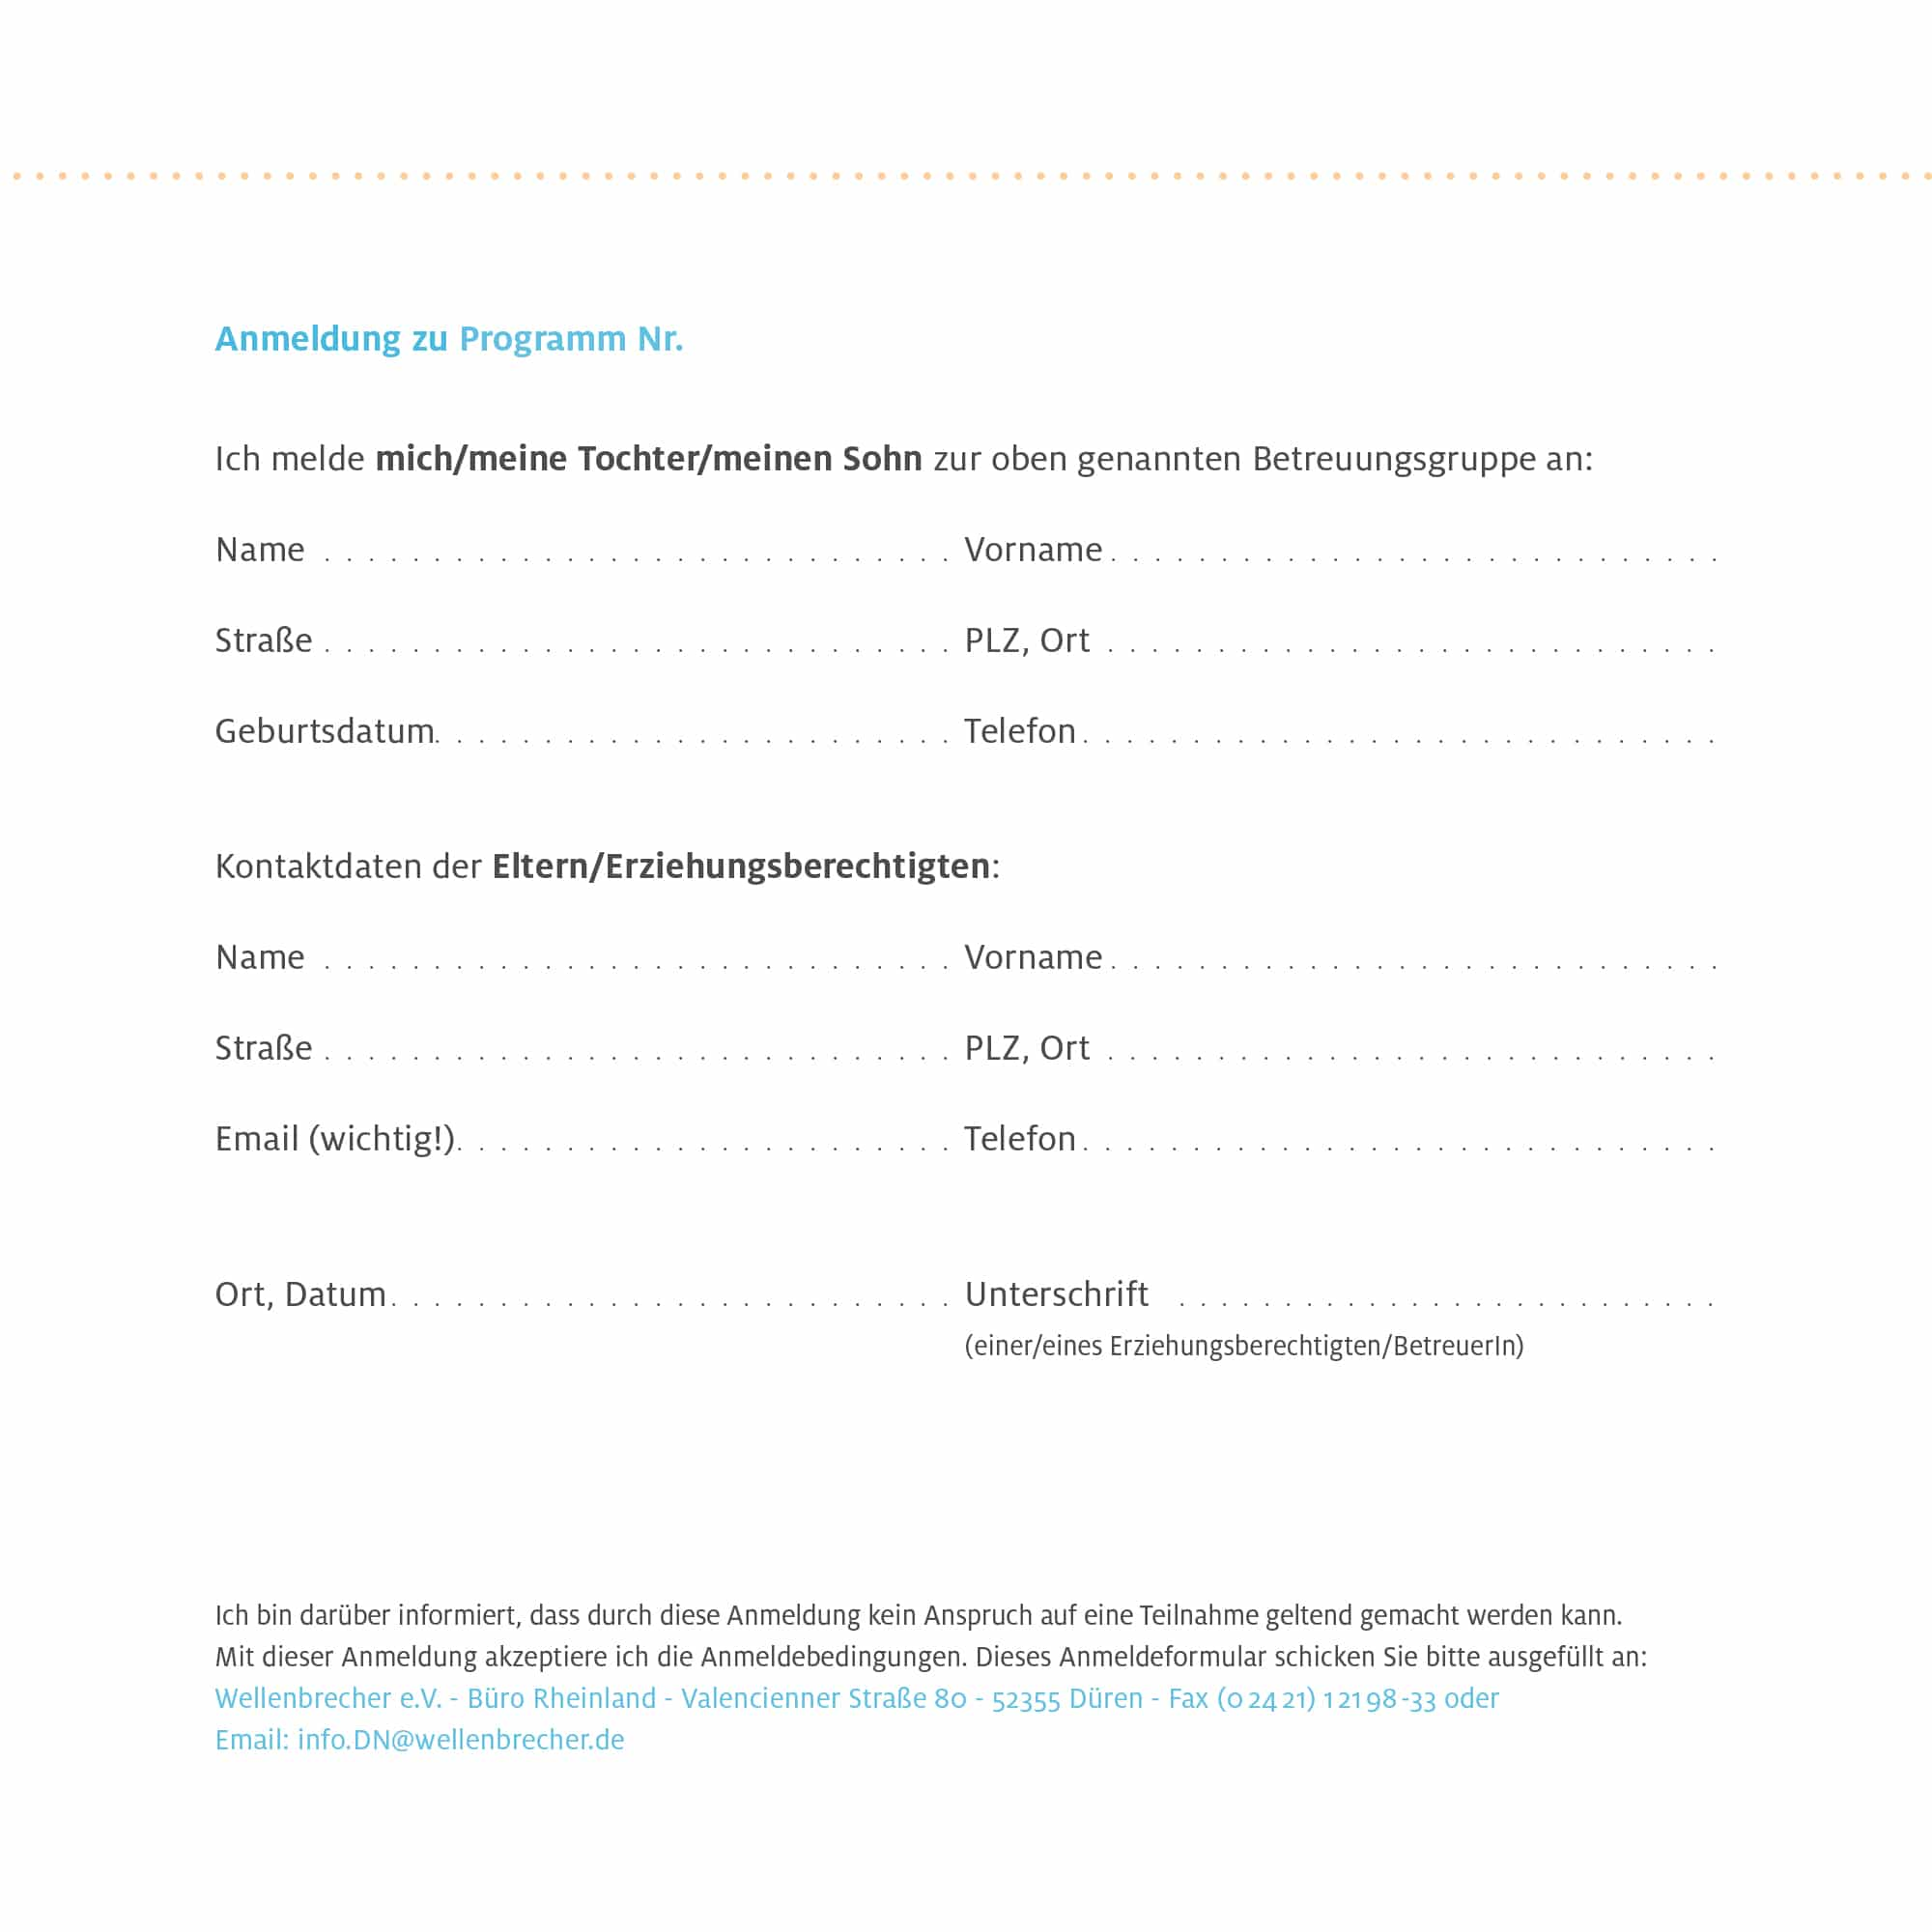 Download Anmeldeformular Betreuungsprogramm FUD